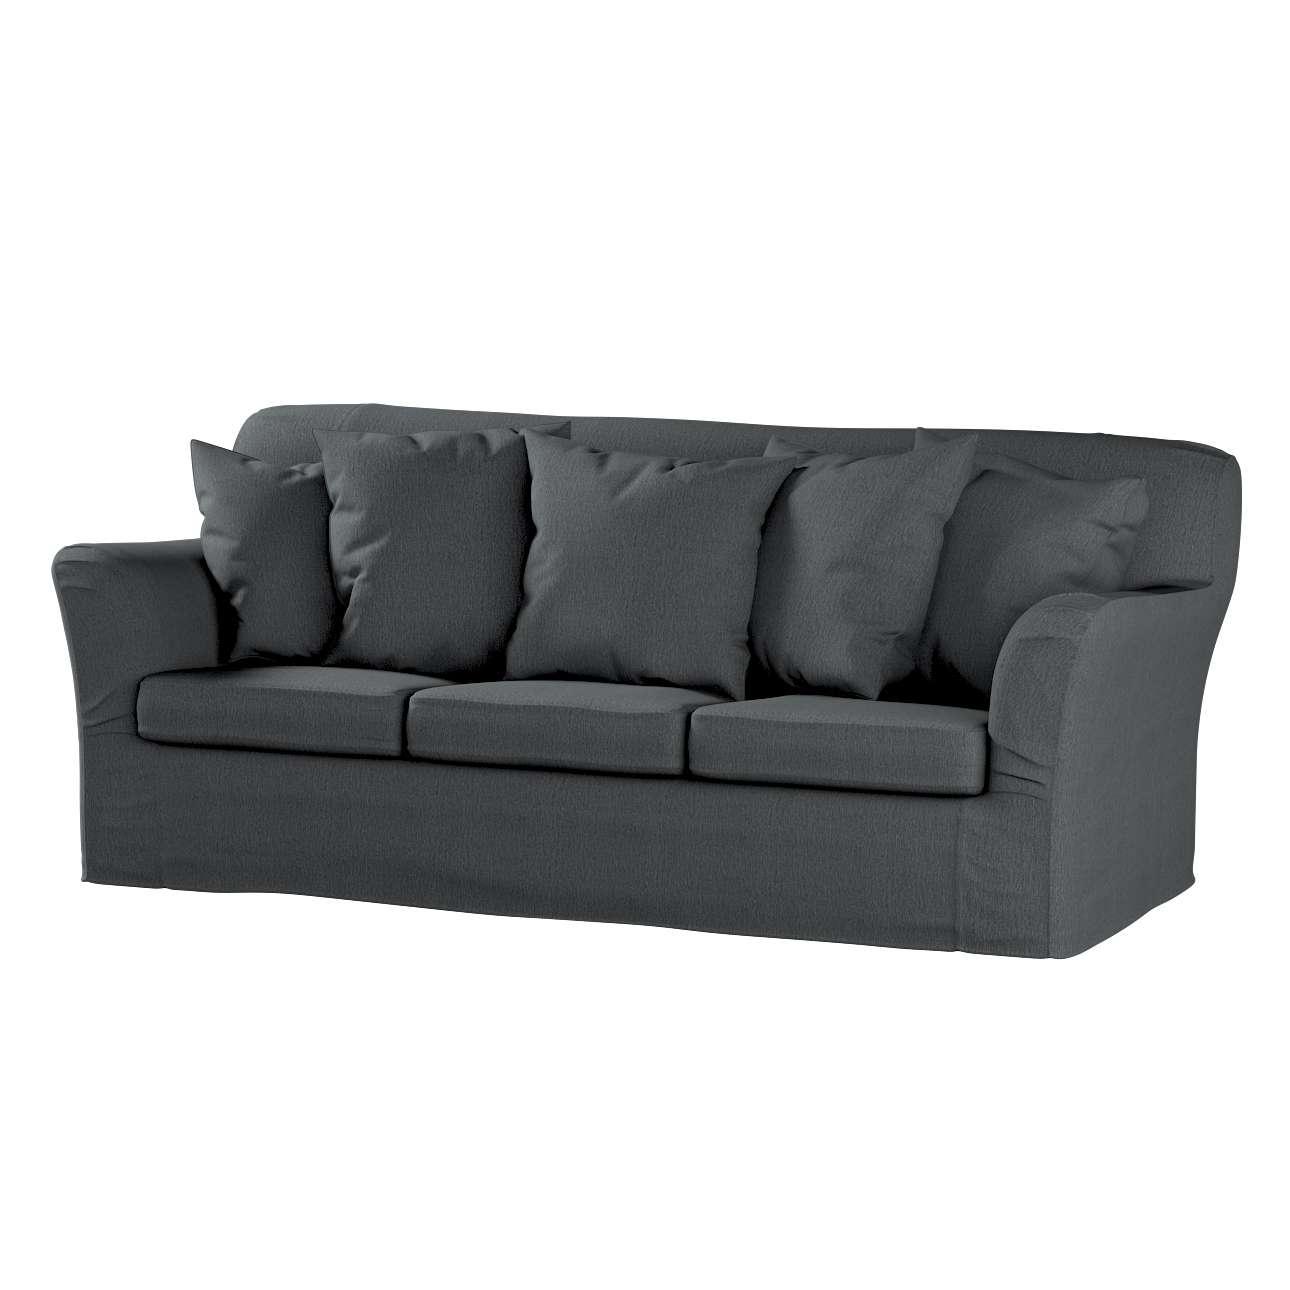 Pokrowiec na sofę Tomelilla 3-osobową nierozkładaną Sofa Tomelilla 3-osobowa w kolekcji Chenille, tkanina: 702-20